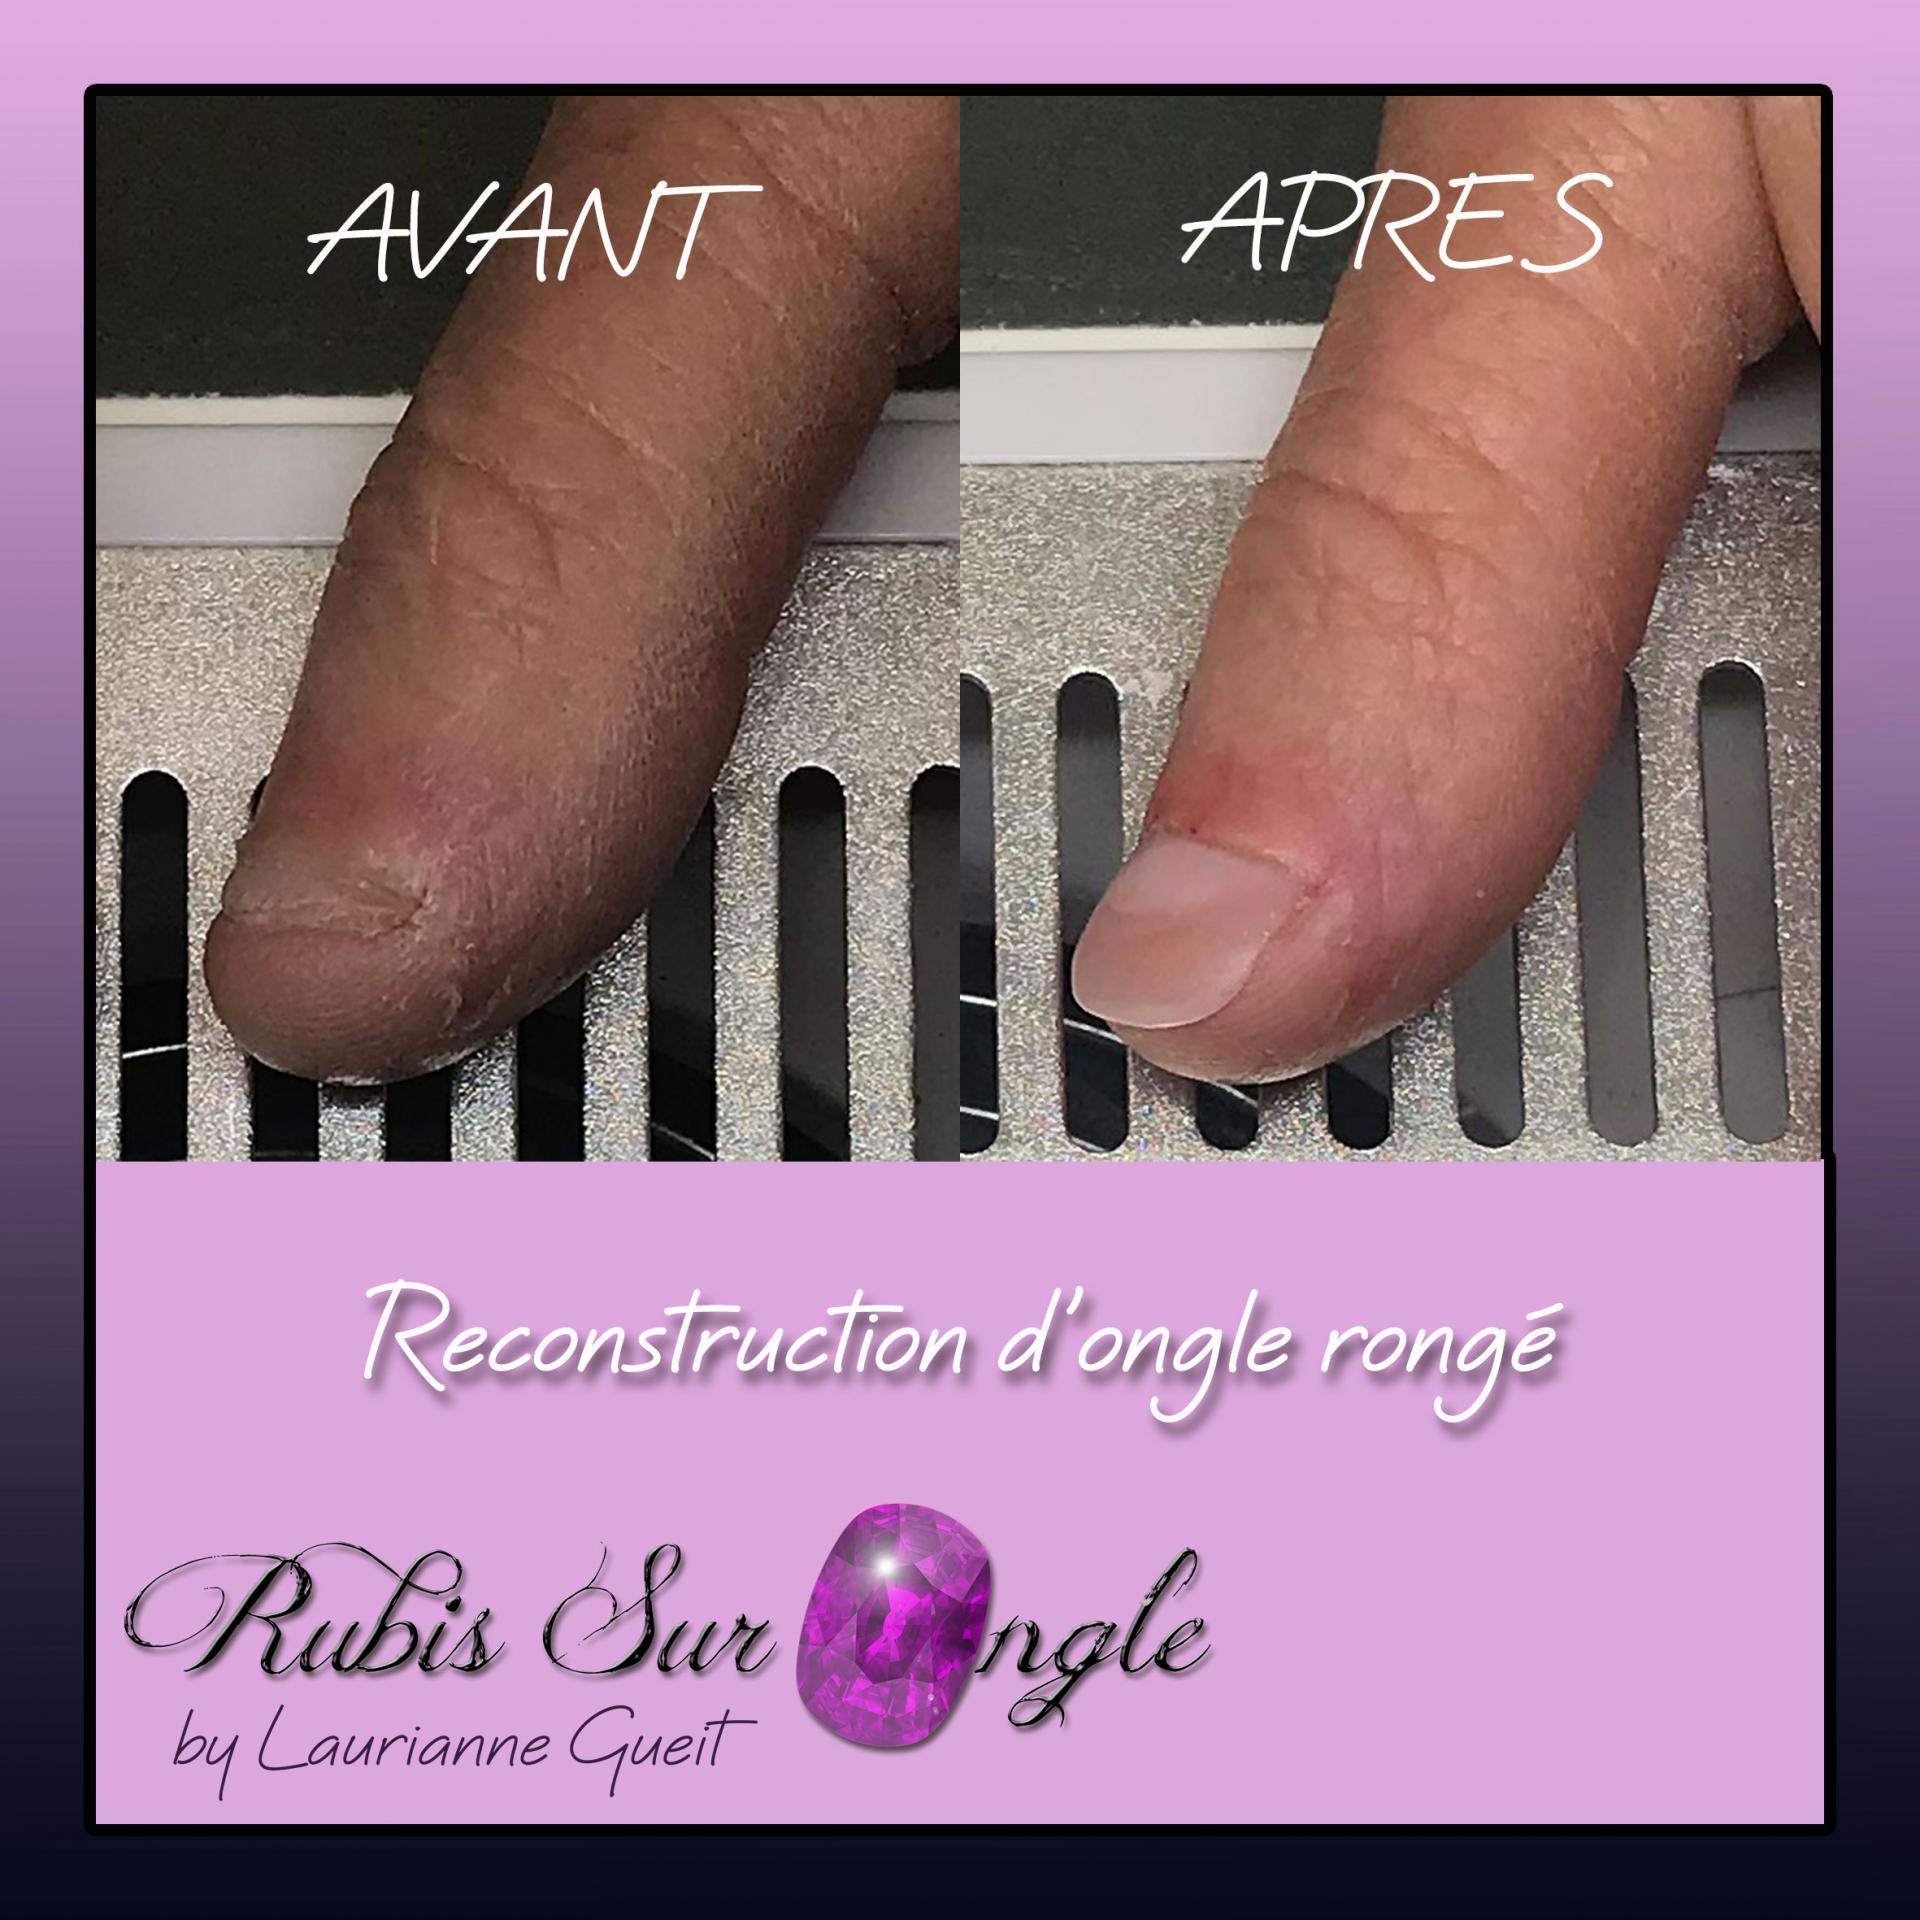 Rubis Sur Ongle Manucure avant après